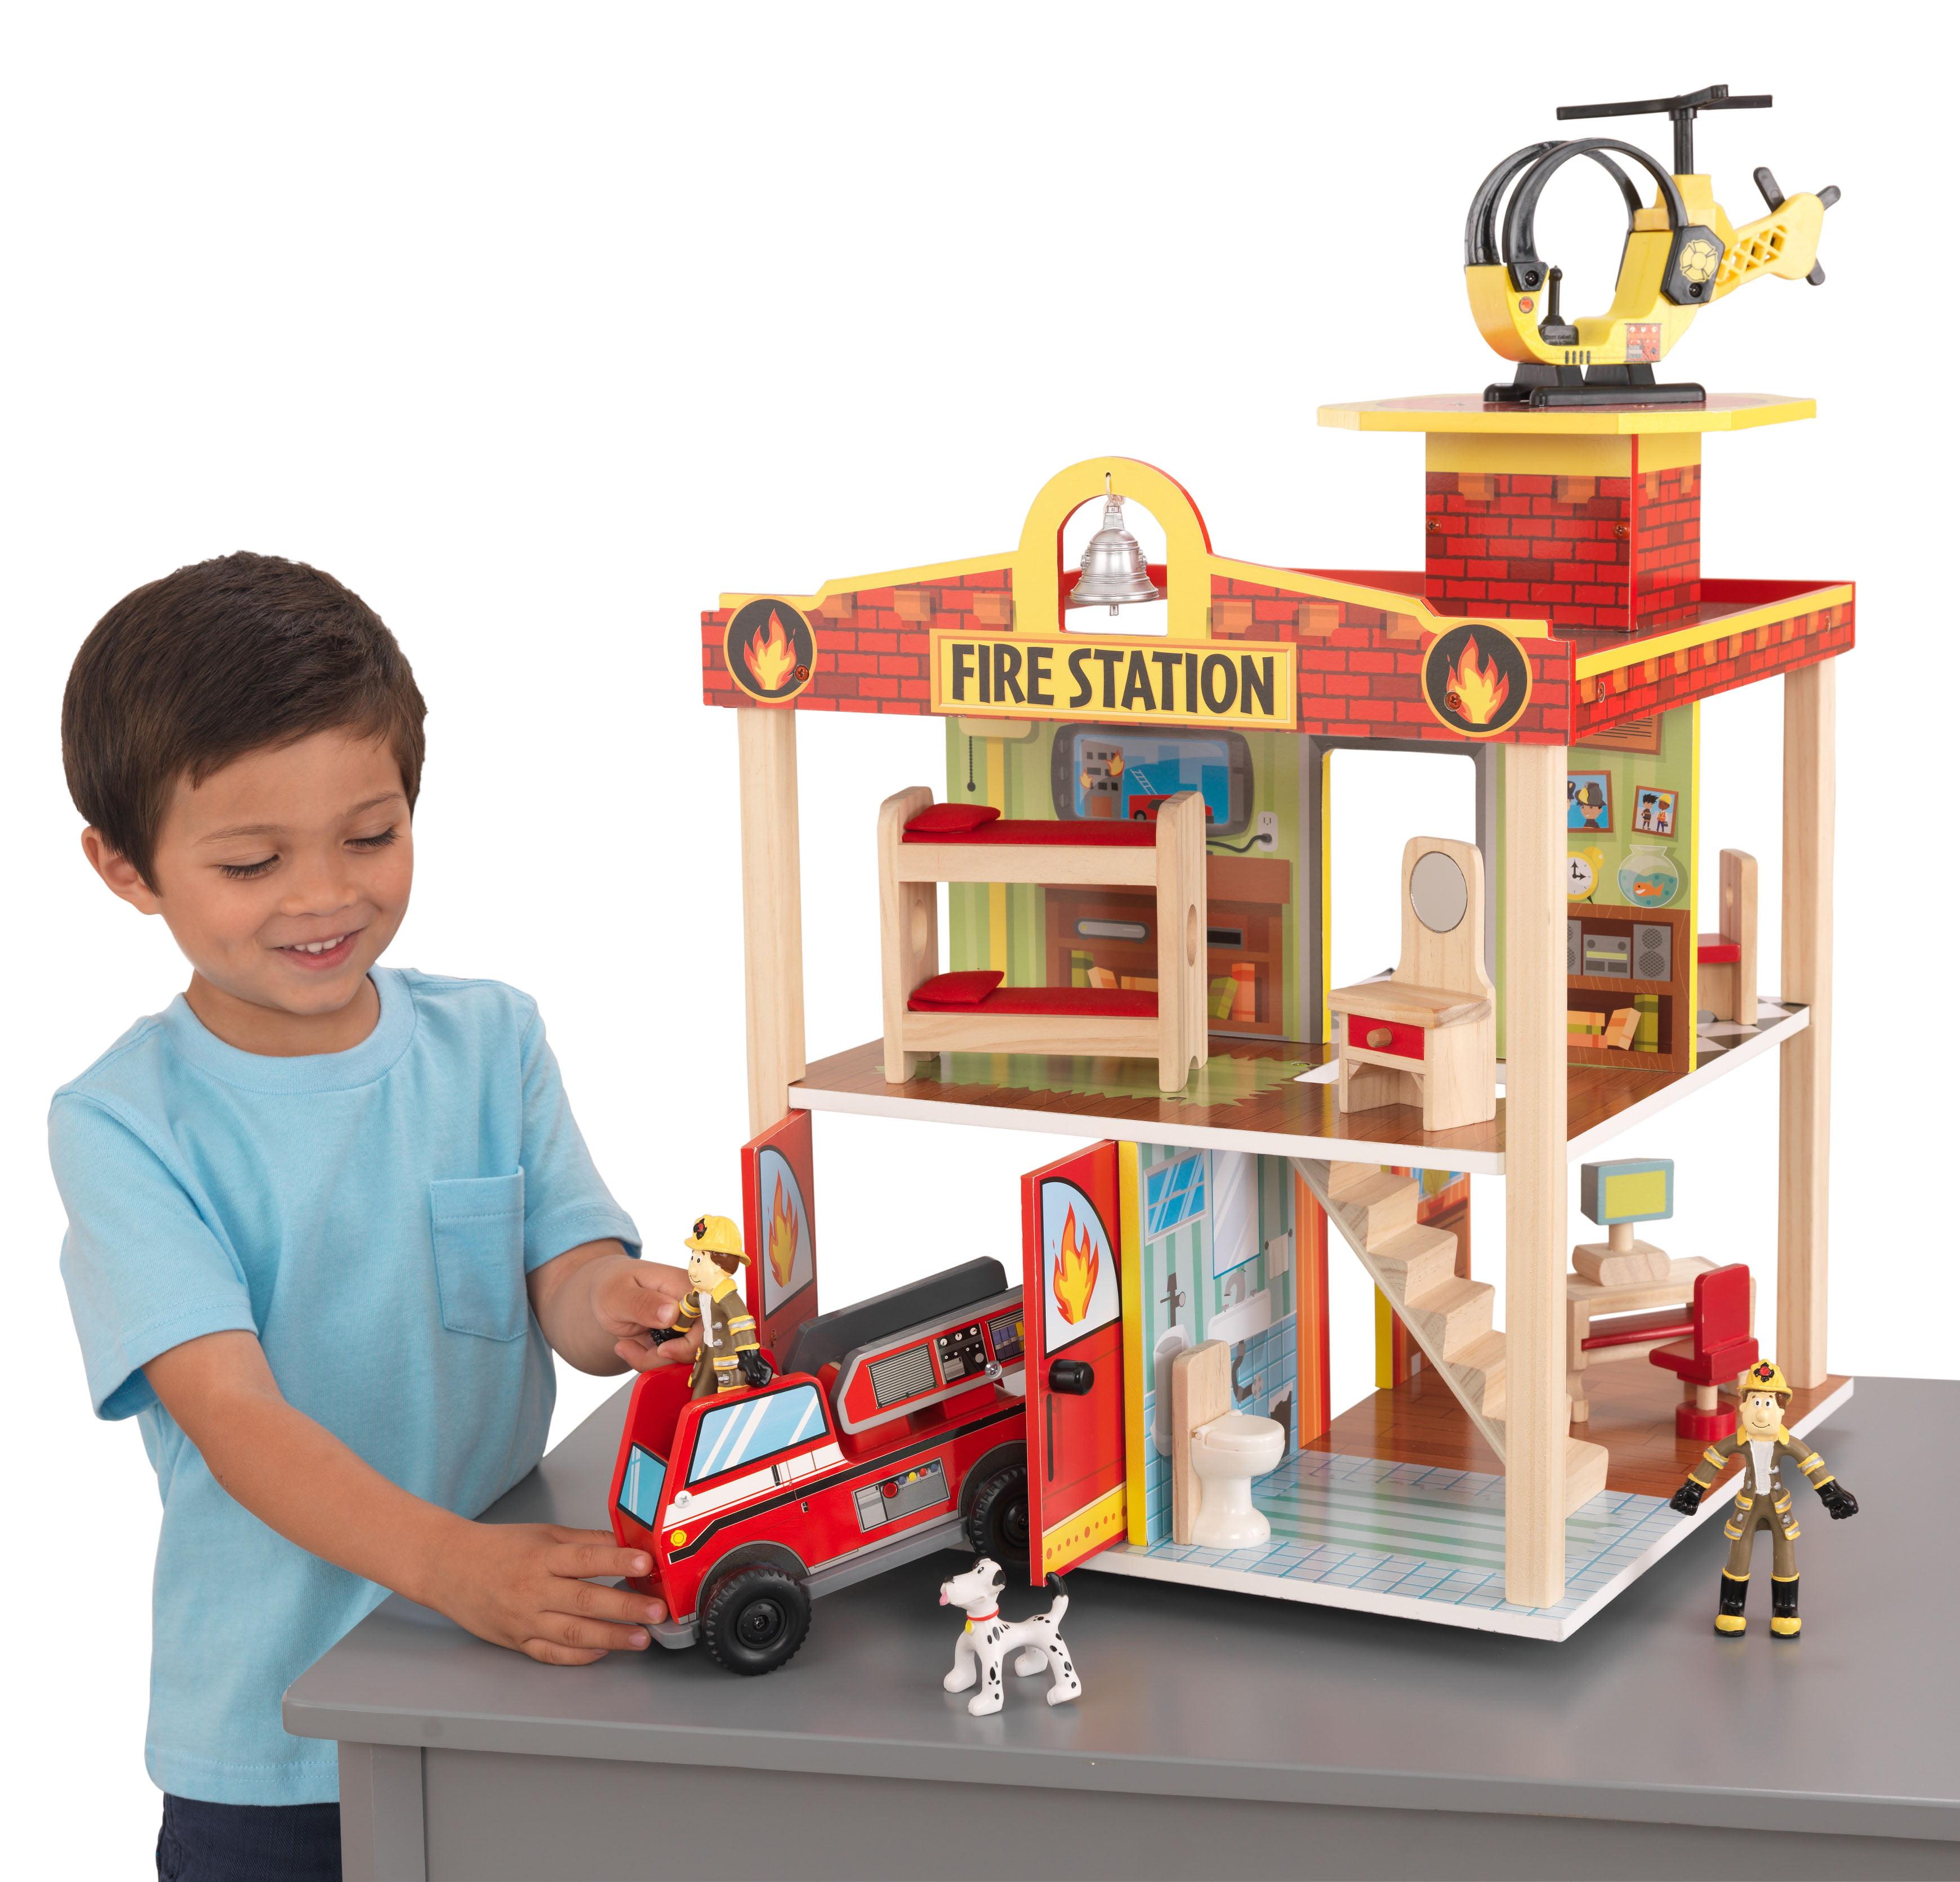 KidKraft Fire Station Set by KidKraft